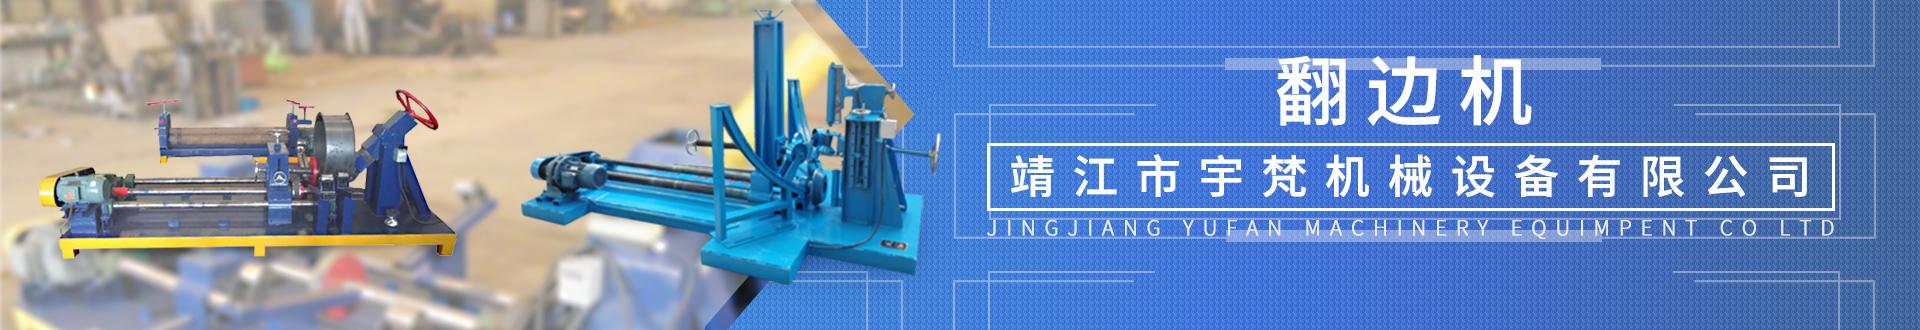 靖江市宇梵机械设备有限公司